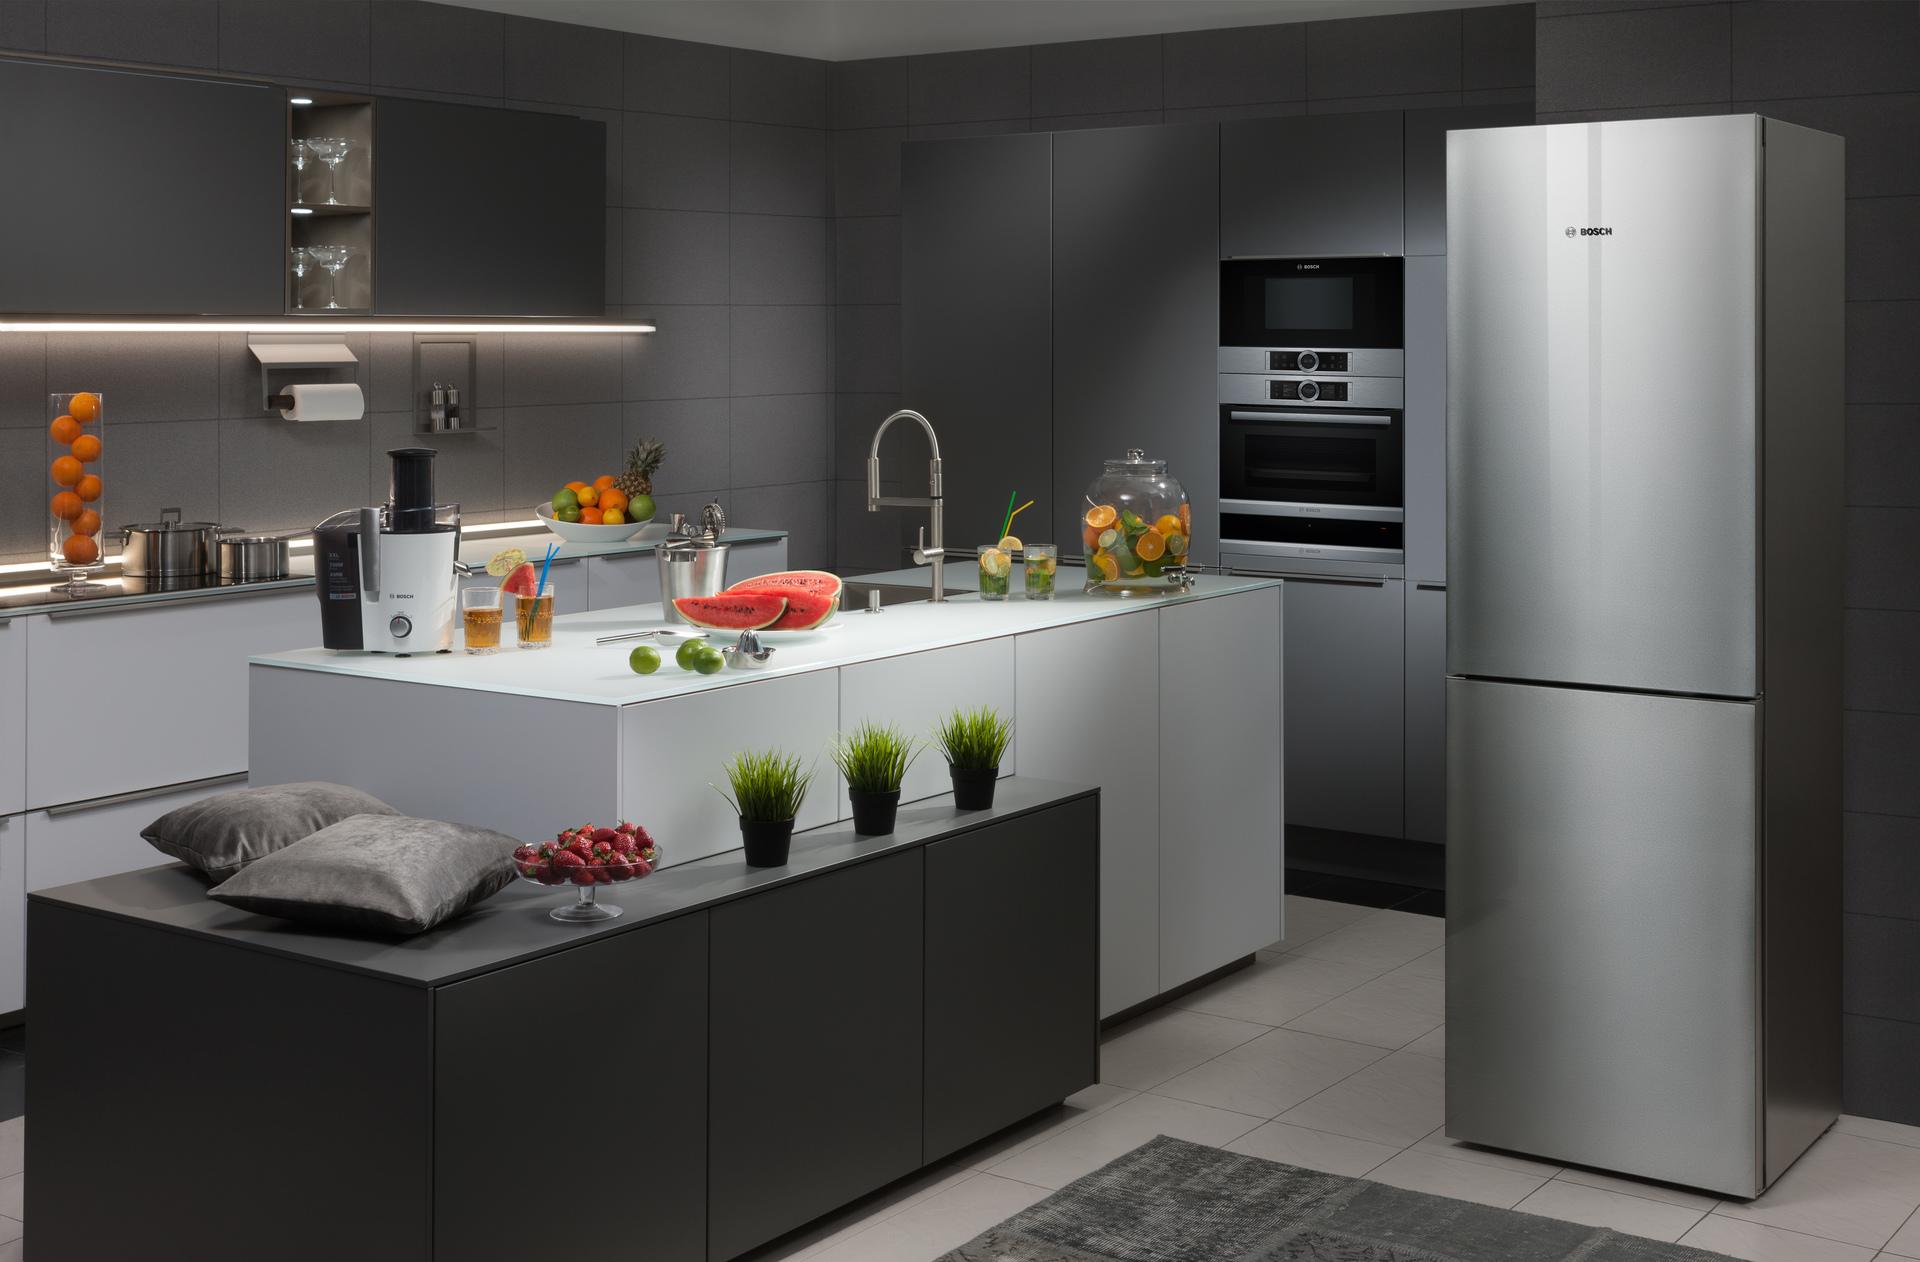 Холодильник из серебристого стекла - интернет-магазин бытовой техники Краснодар